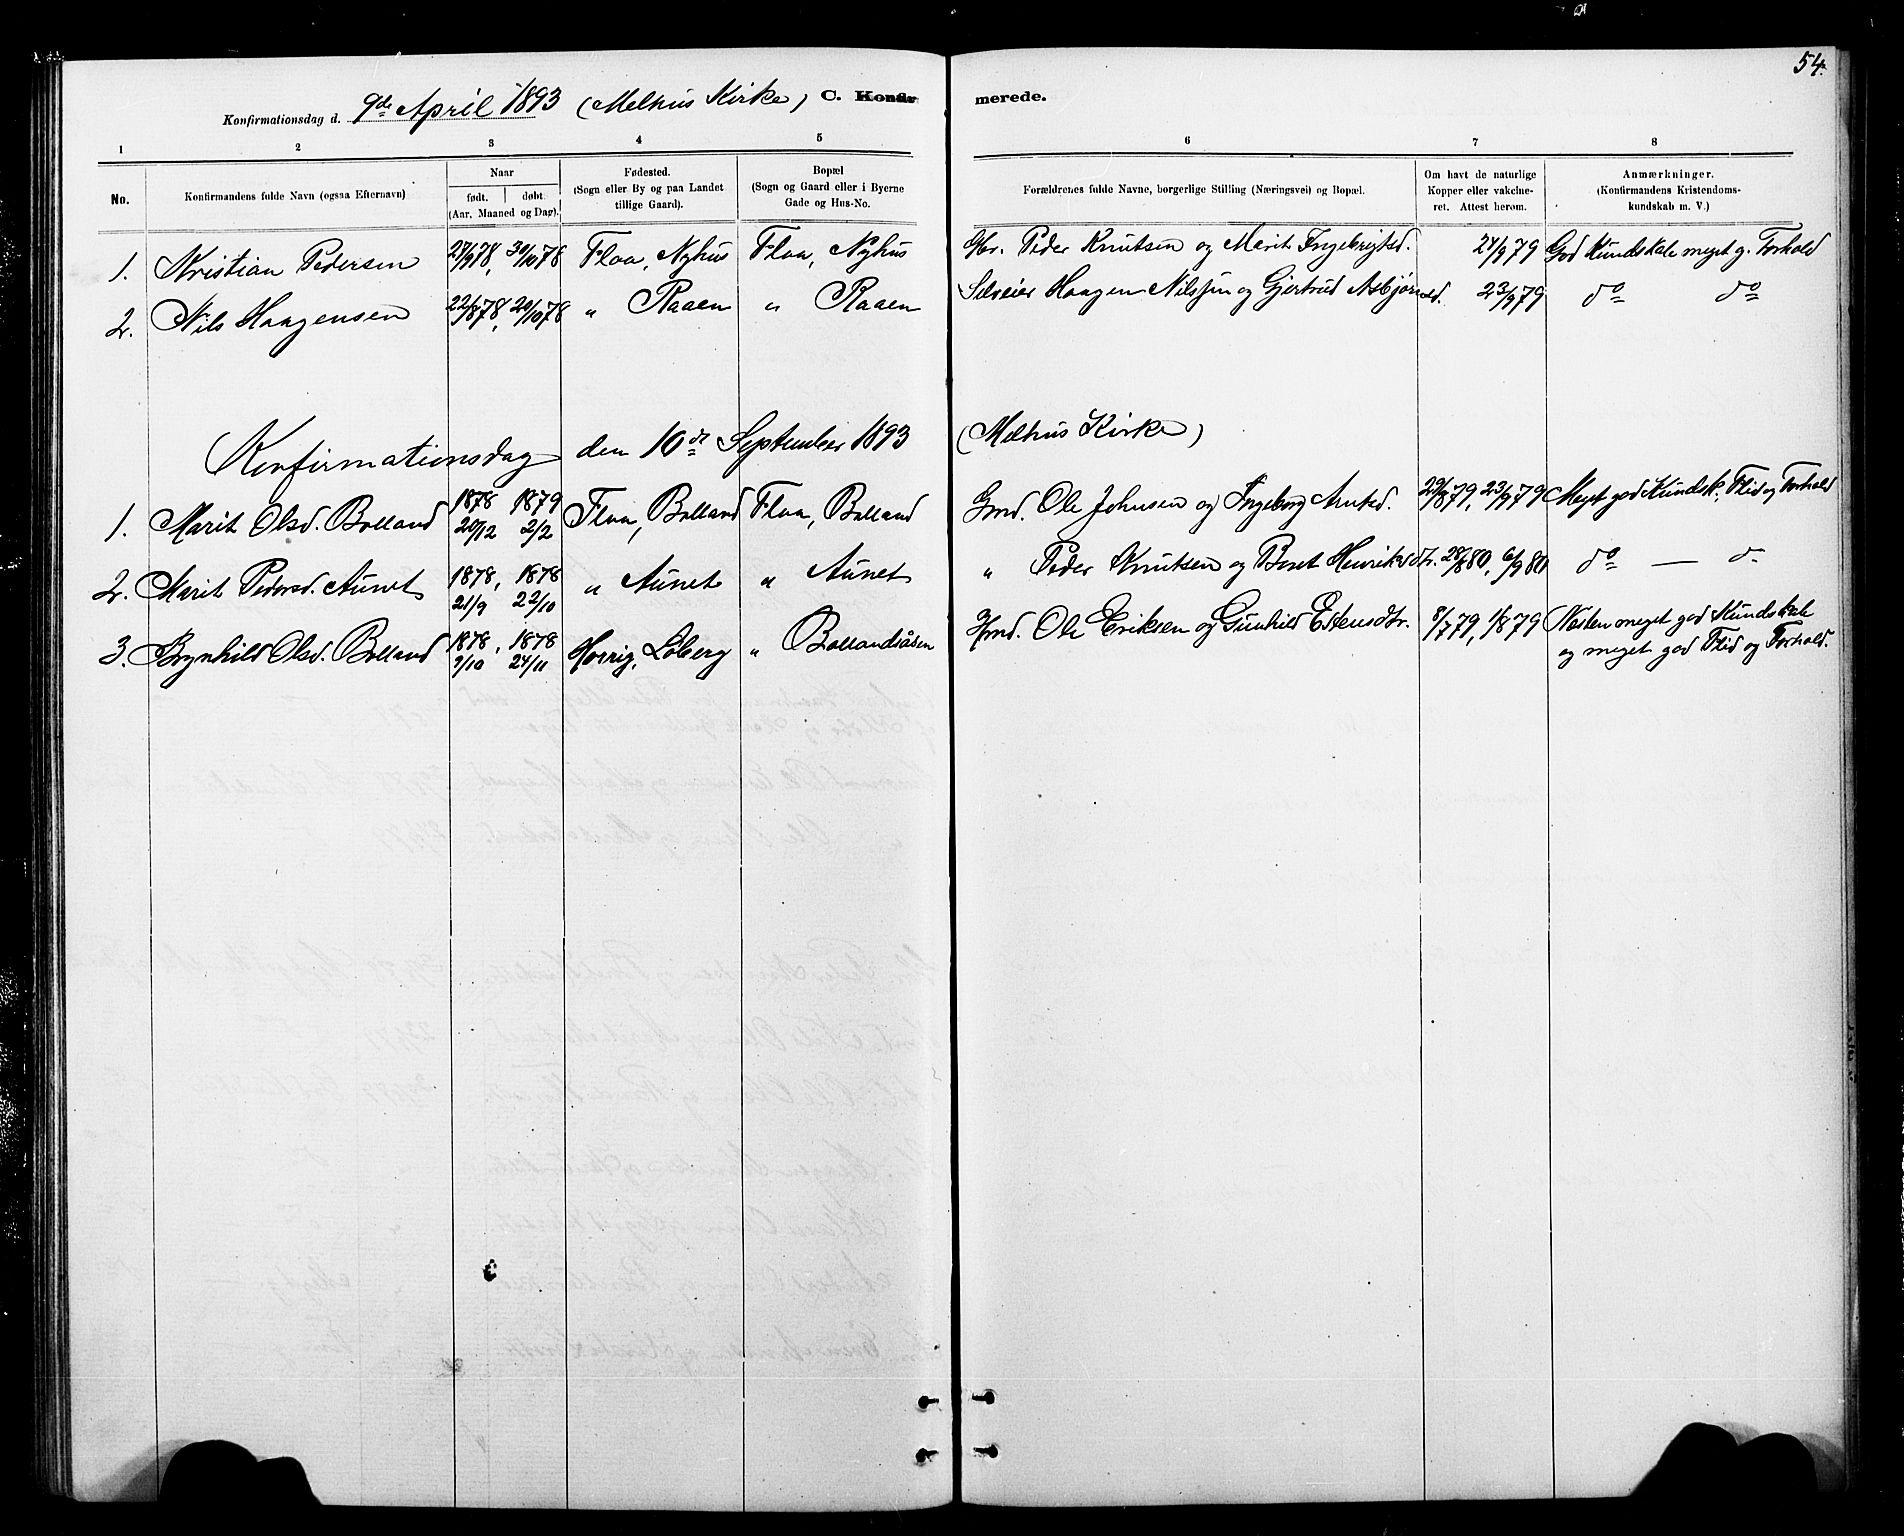 SAT, Ministerialprotokoller, klokkerbøker og fødselsregistre - Sør-Trøndelag, 693/L1123: Klokkerbok nr. 693C04, 1887-1910, s. 54